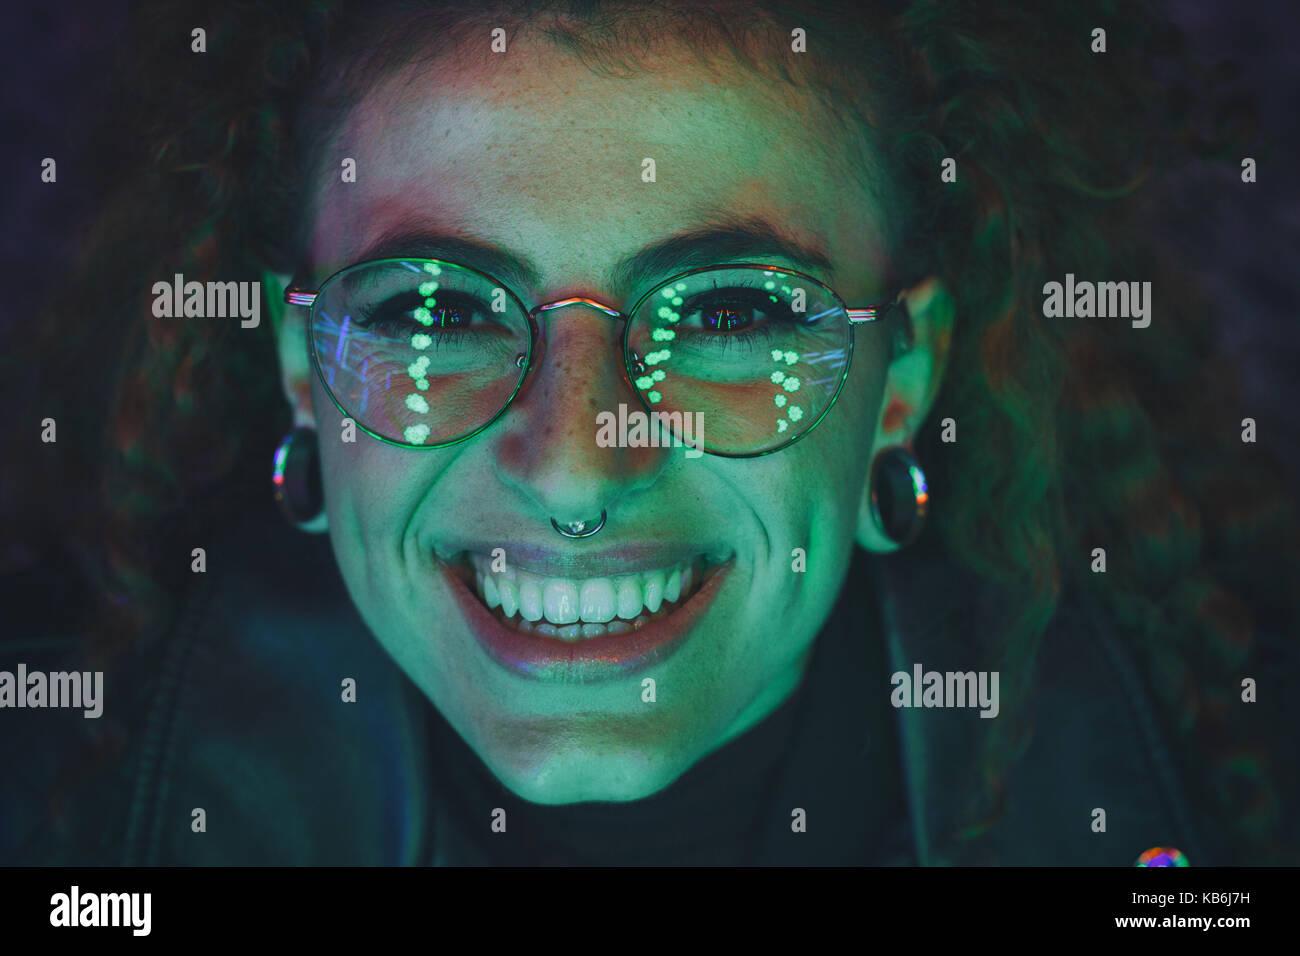 Porträt einer jungen Frau in der Nacht mit Farbe leuchten Stockbild